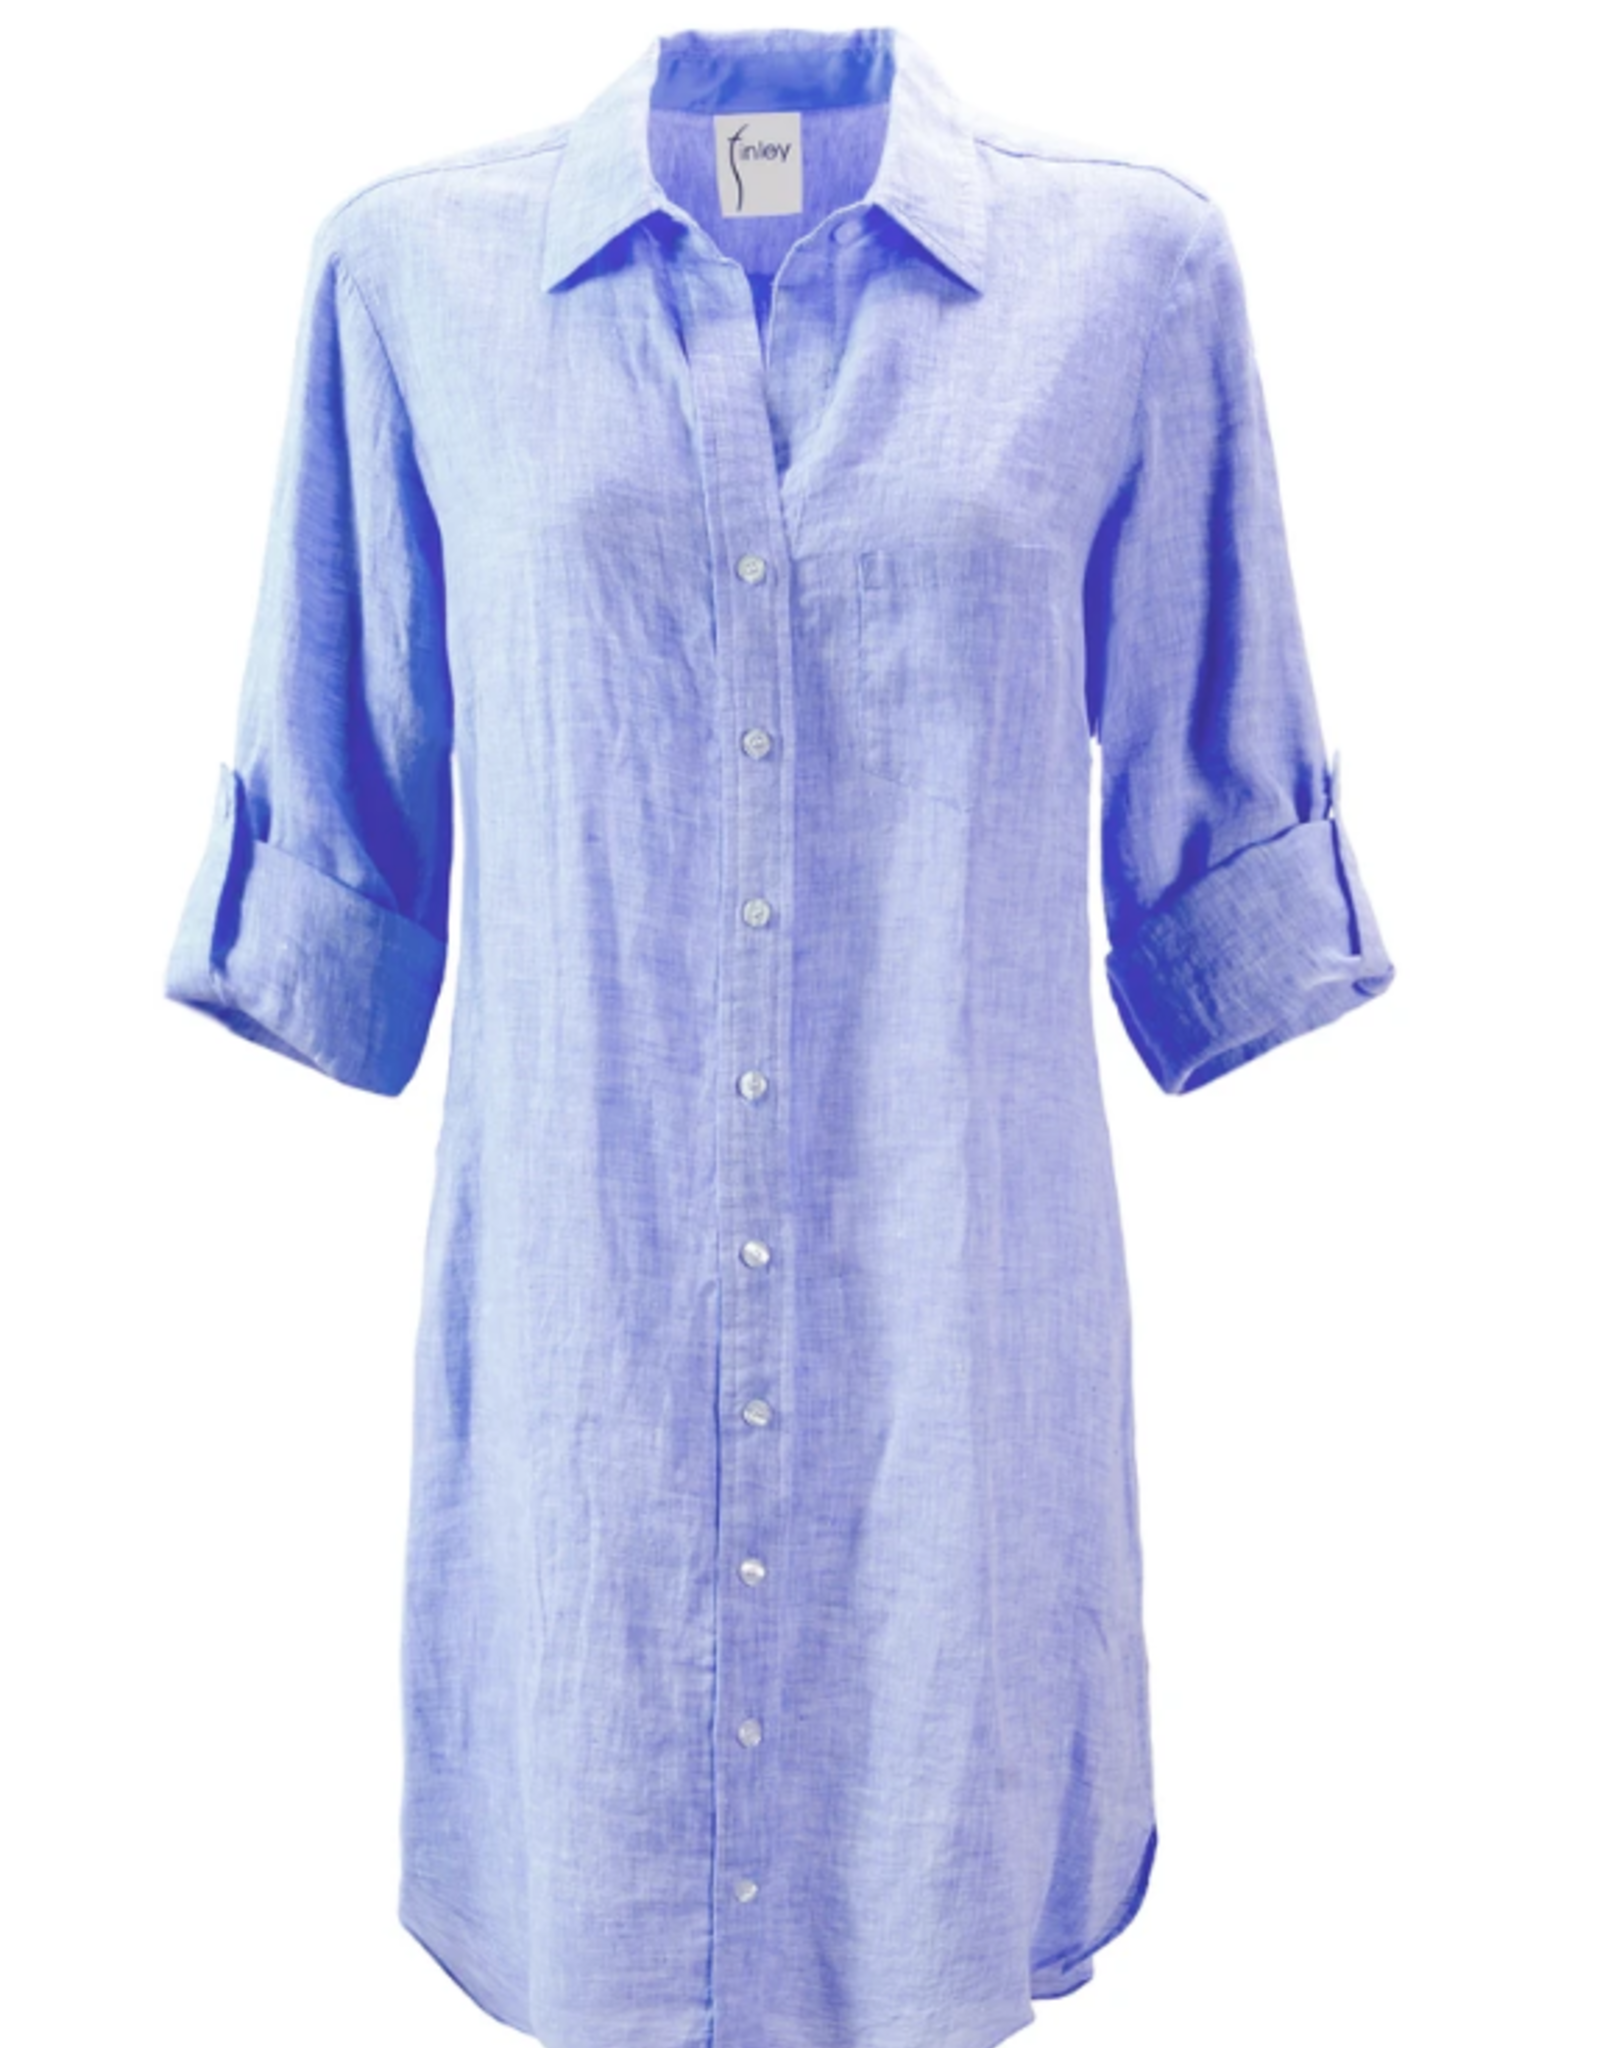 FINLEY - Alex Linen Shirtdress